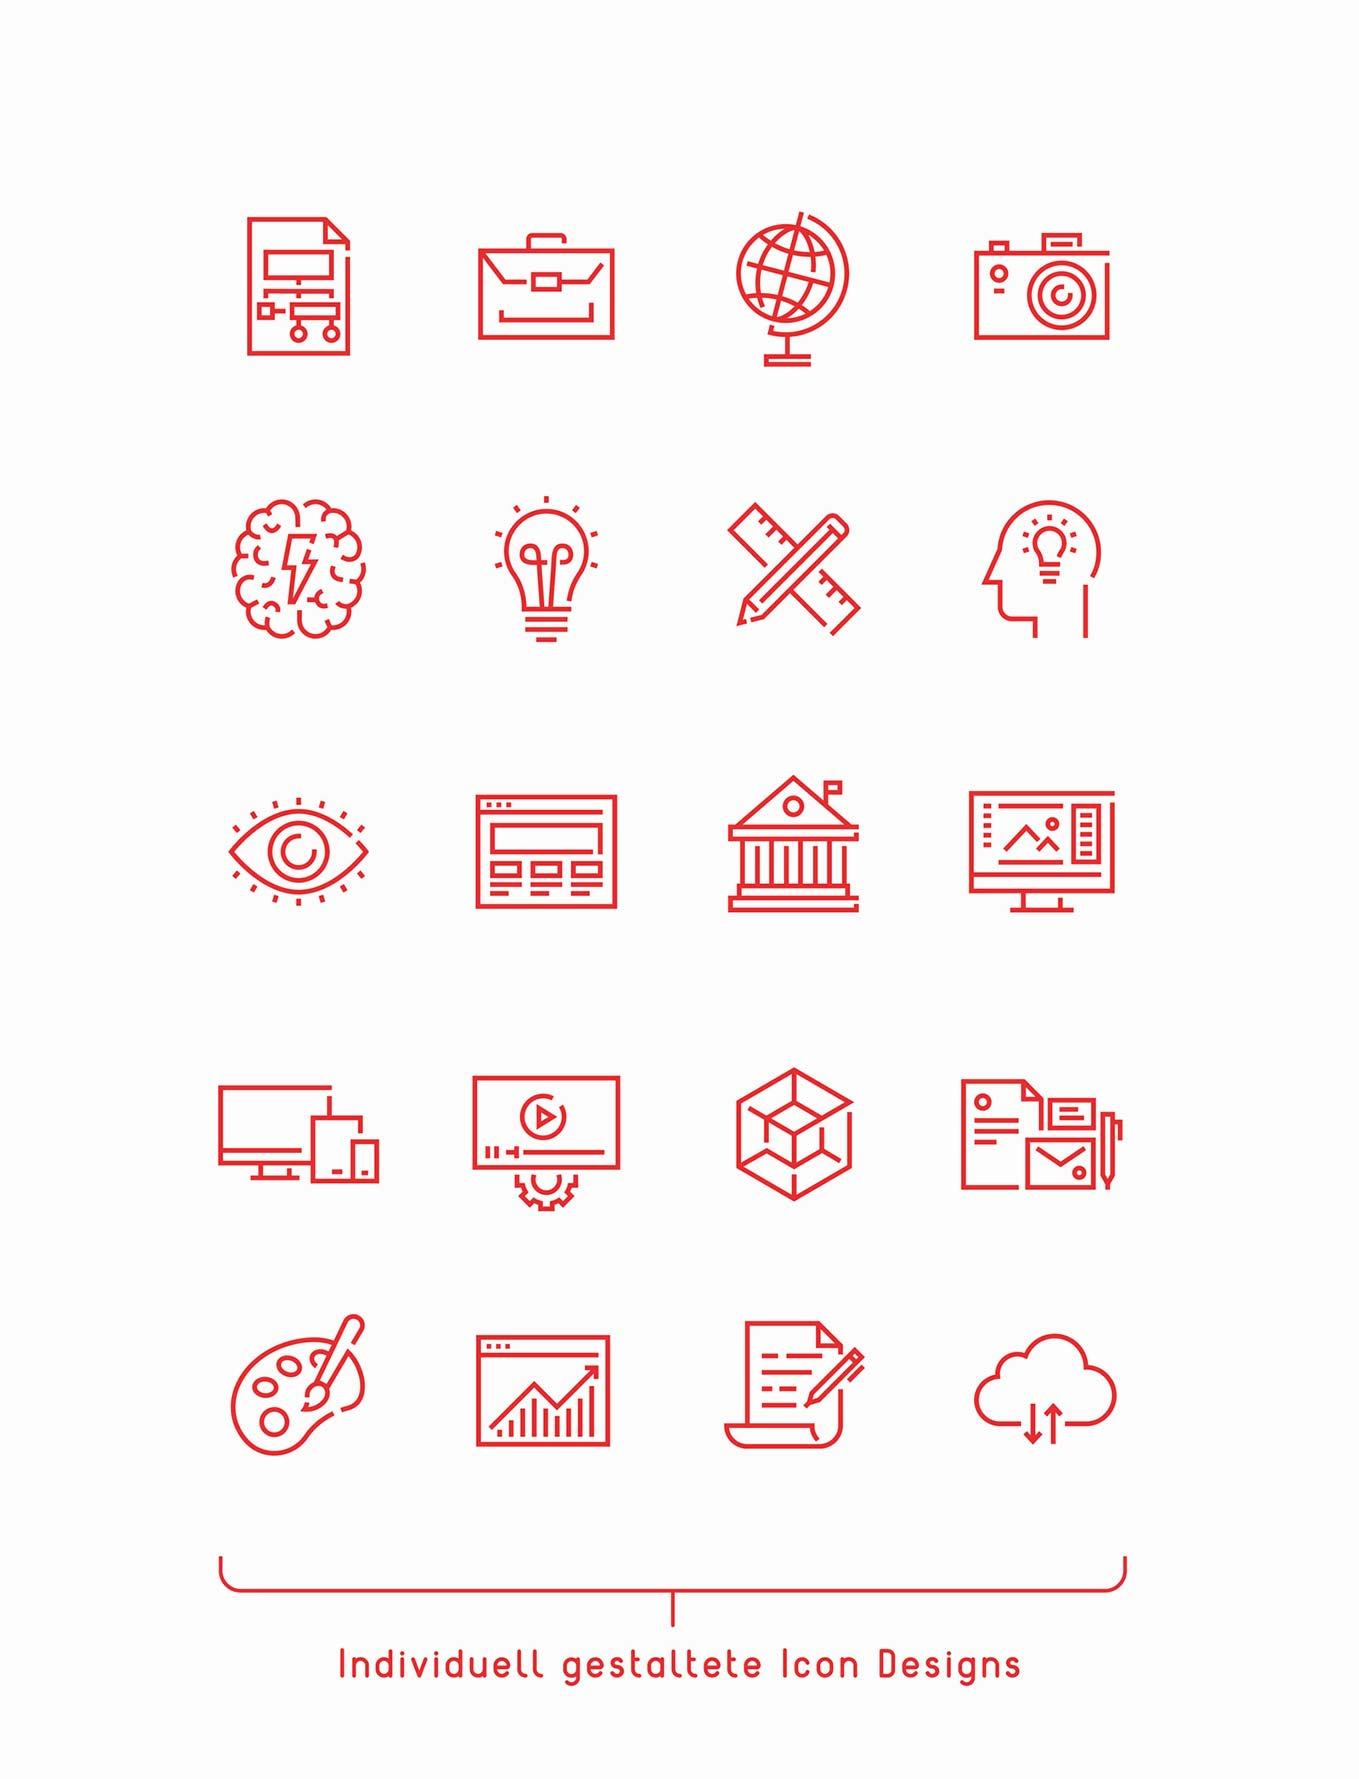 Icon Design Verbandsthemen Schweiz